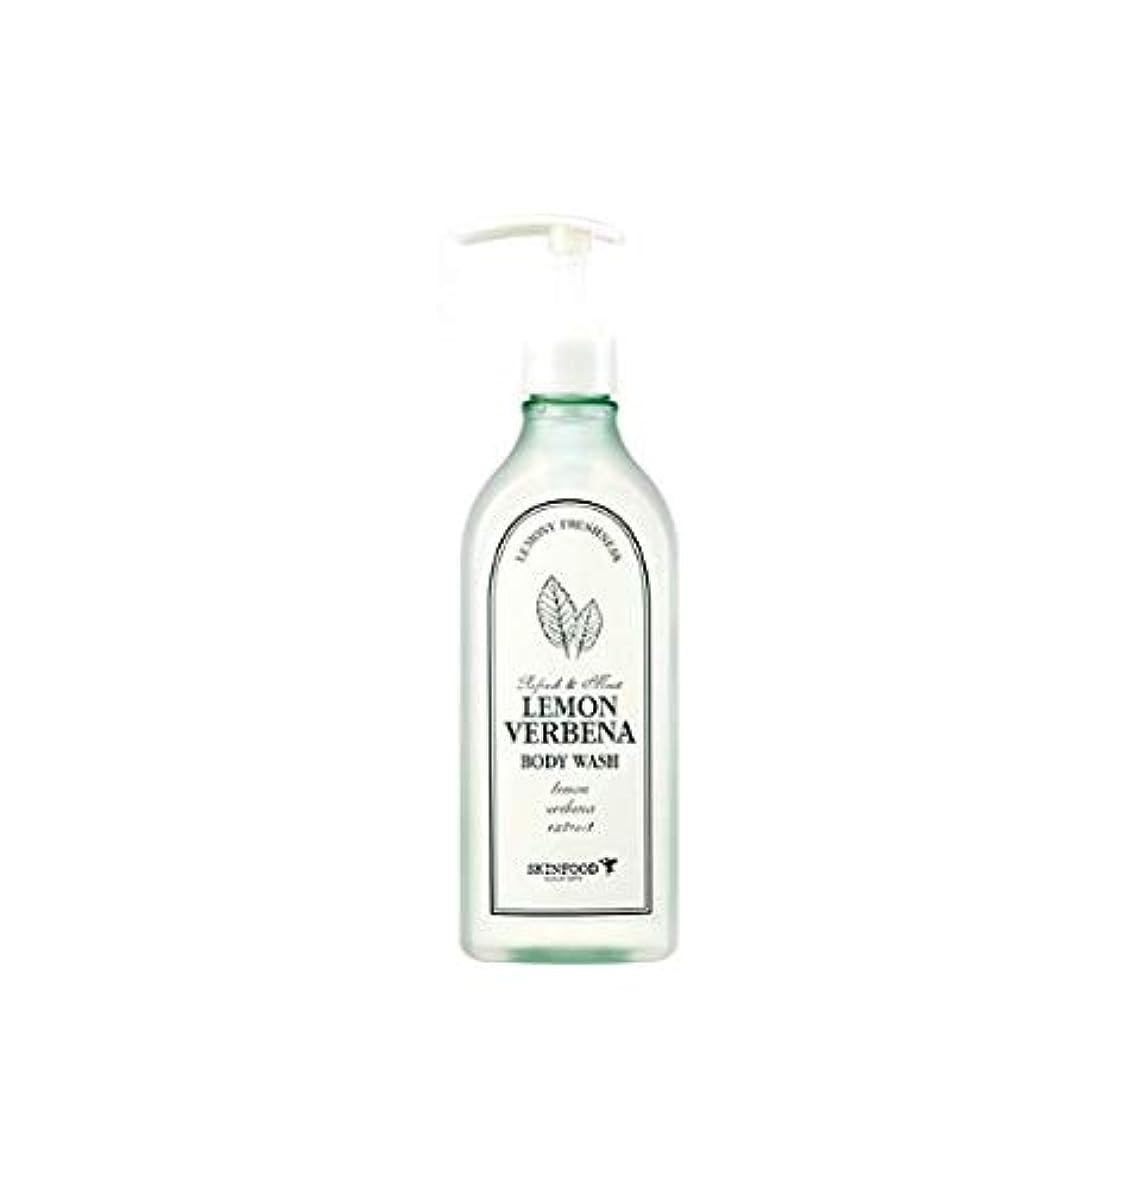 エジプト人りドリルSkinfood レモンバーベナボディウォッシュ/Lemon Verbena Body Wash 335ml [並行輸入品]